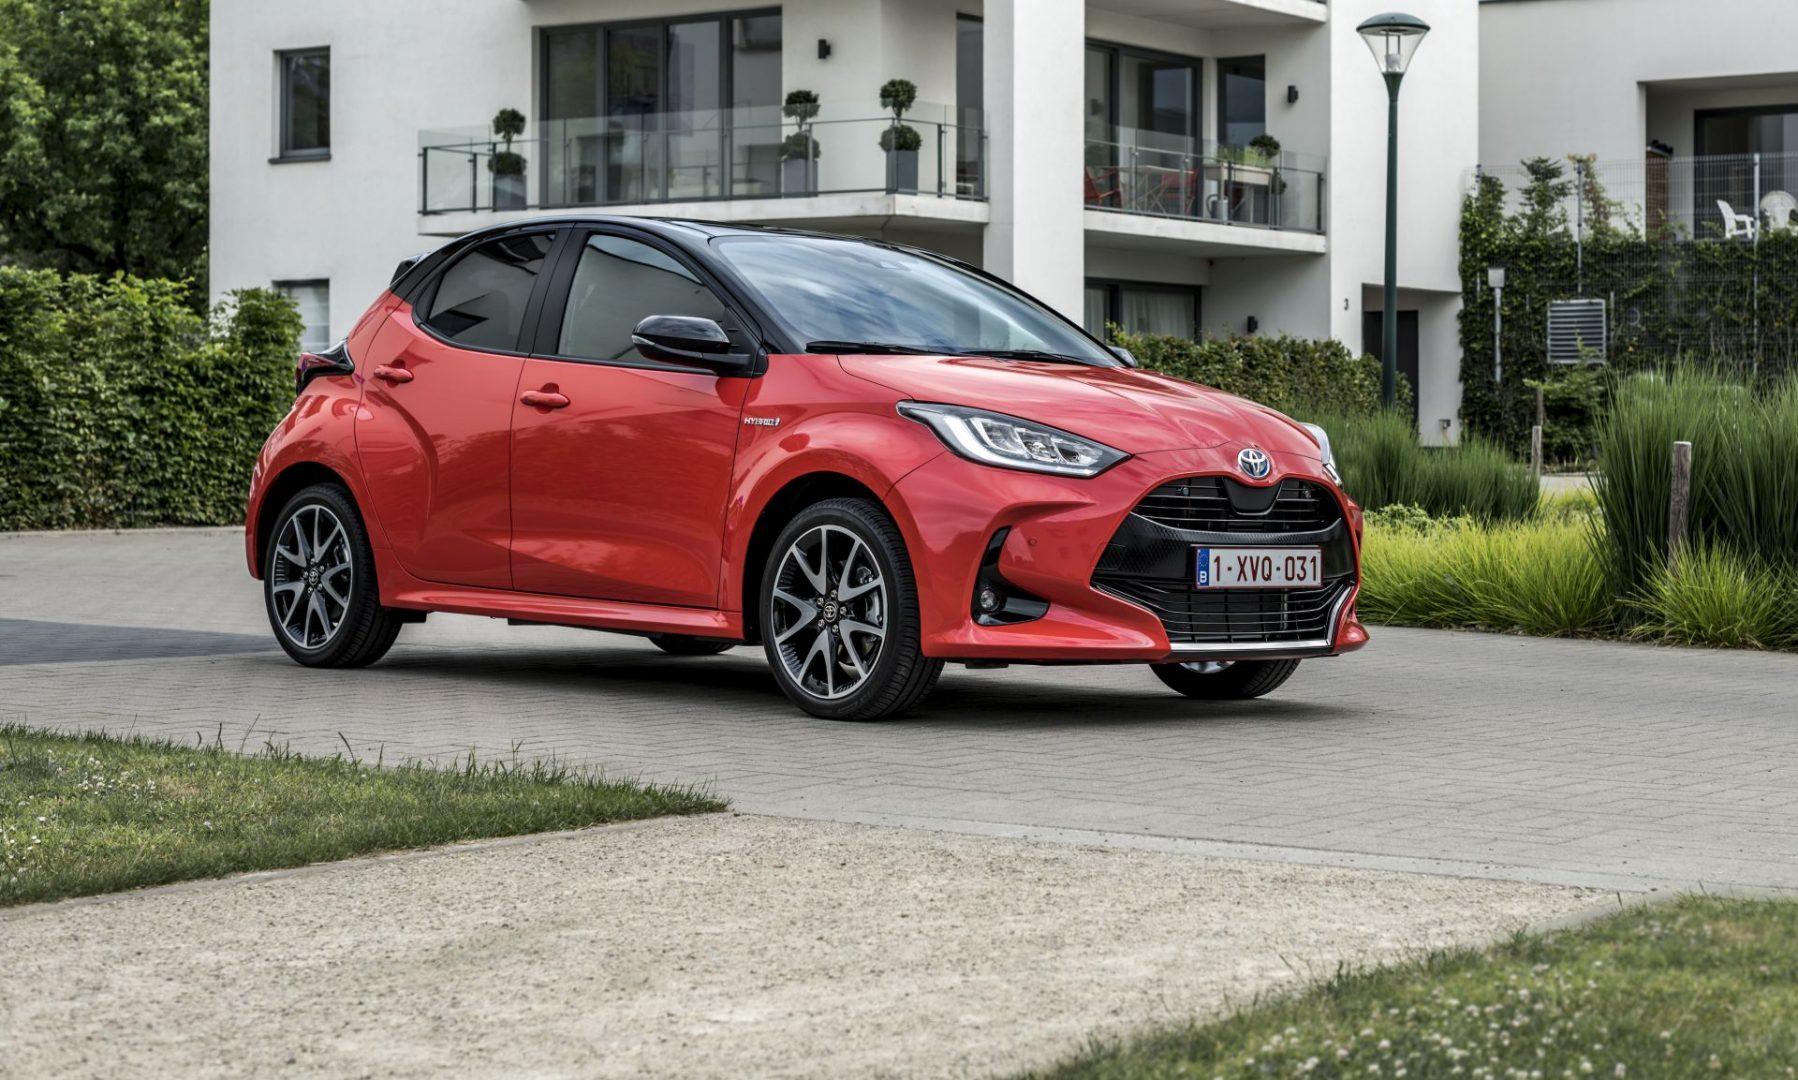 Proglašen je Europski automobil godine 2021., a pobjednik je nova Toyota Yaris